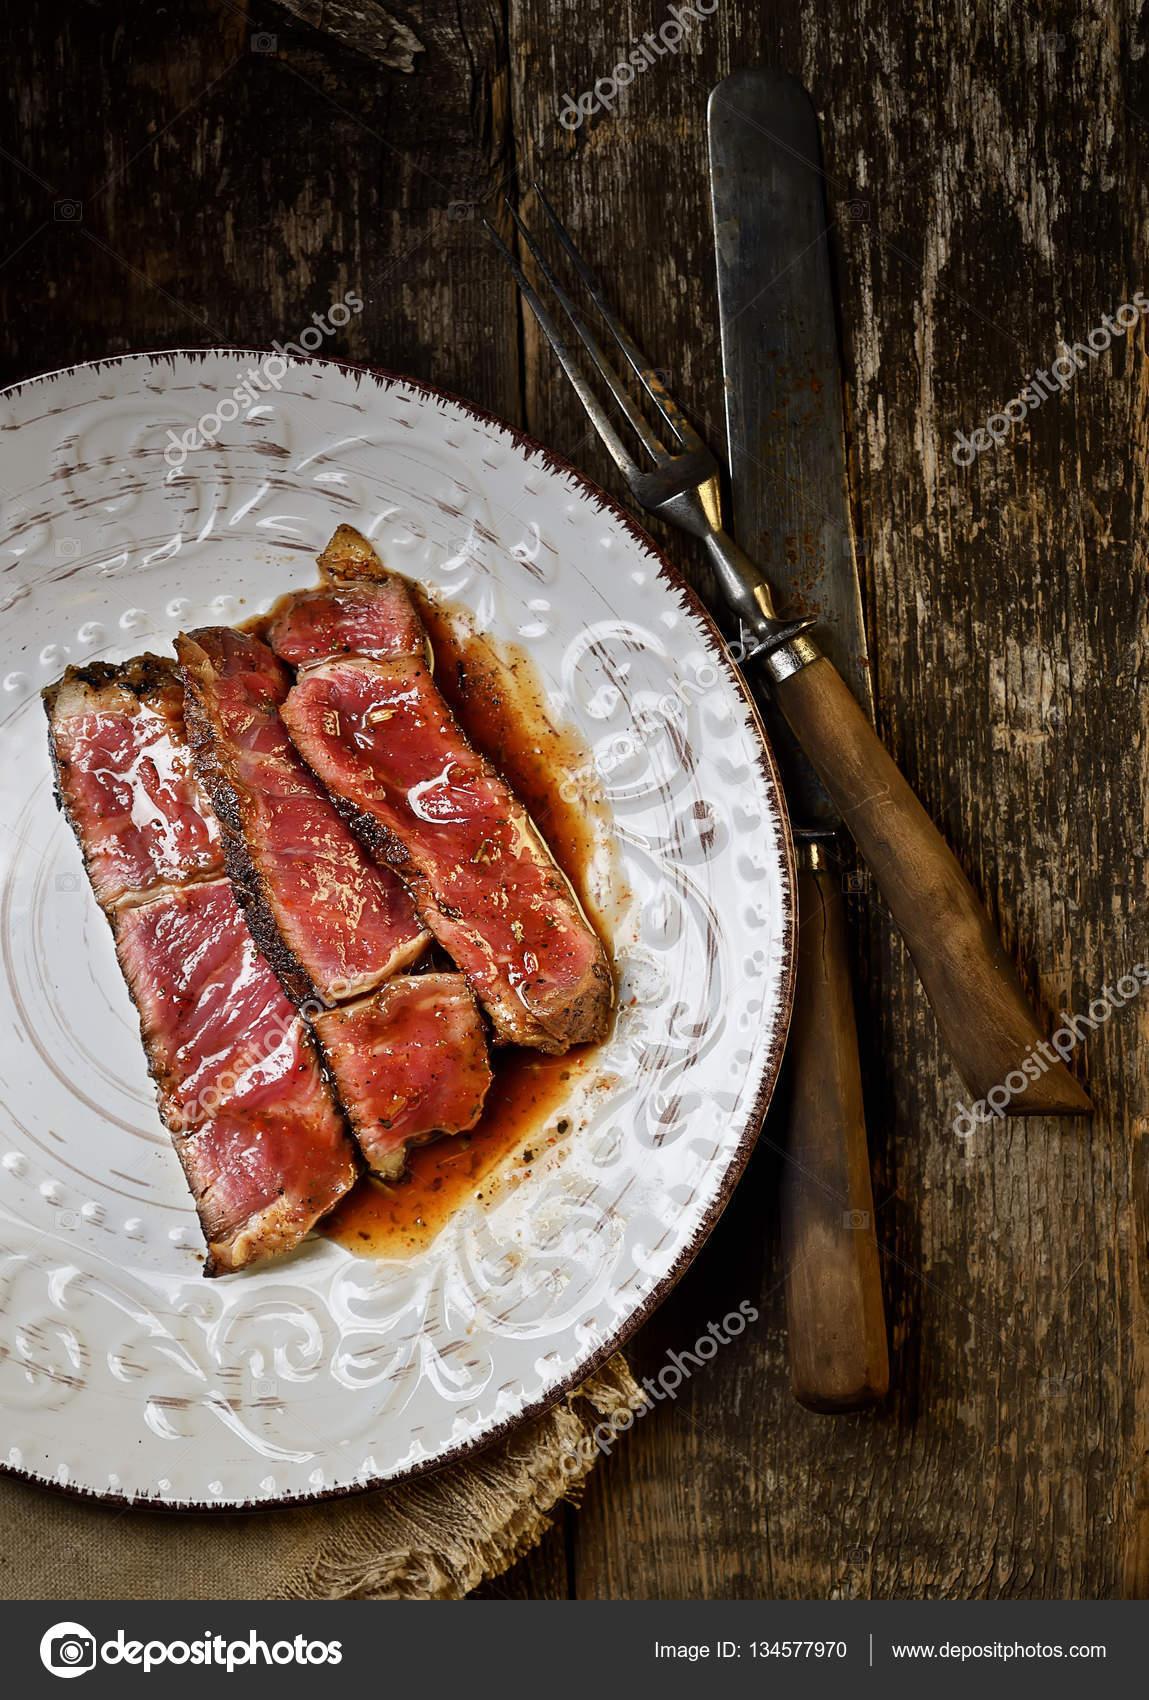 Az Pişmiş veya Çiğ Et